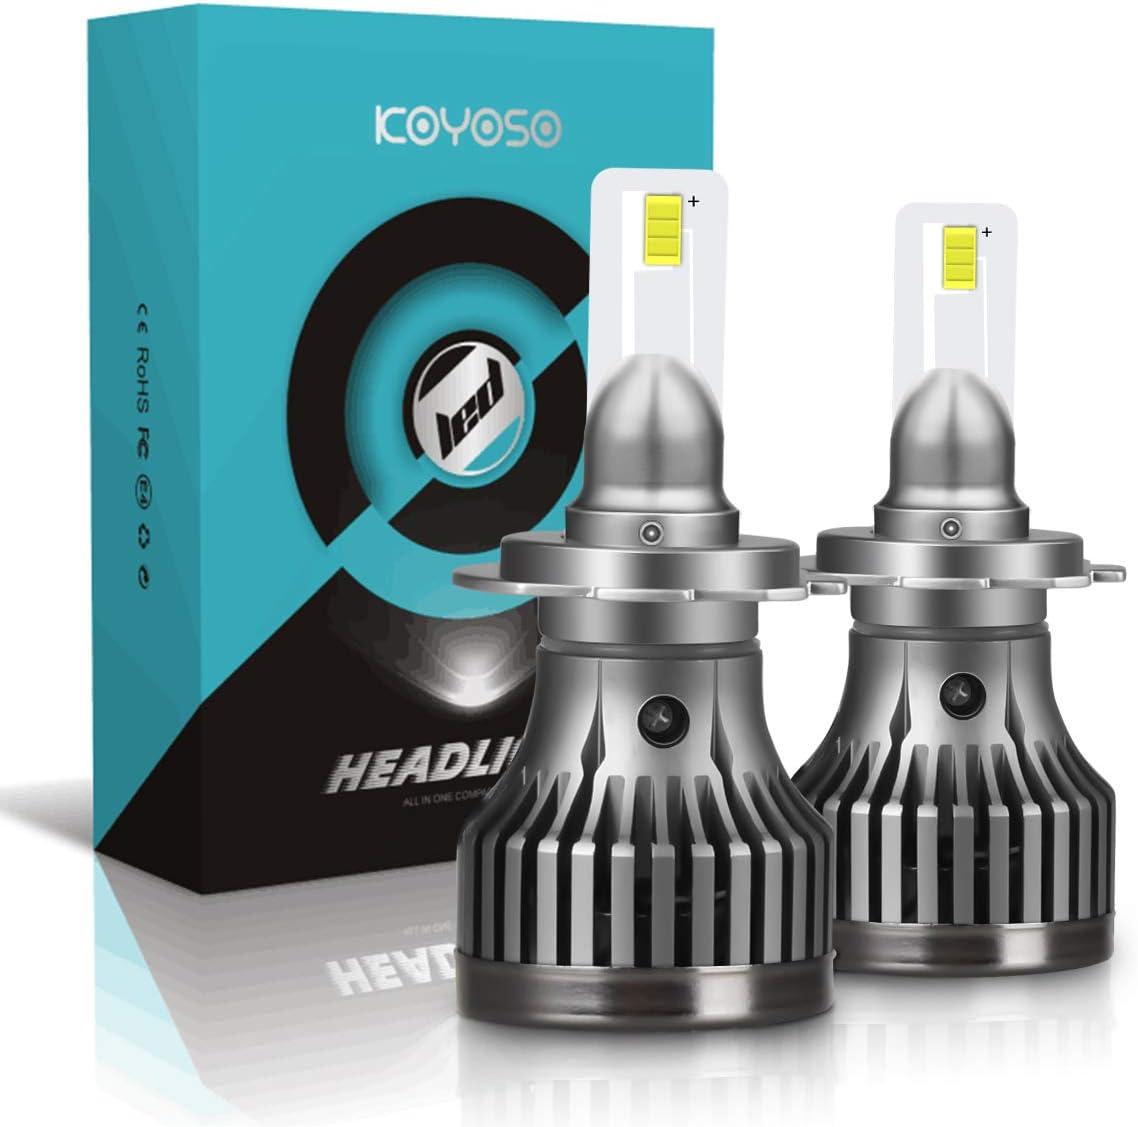 KOYOSO Bombillas H7 LED Coche Luces 12000LM 6000K, 2 Pack